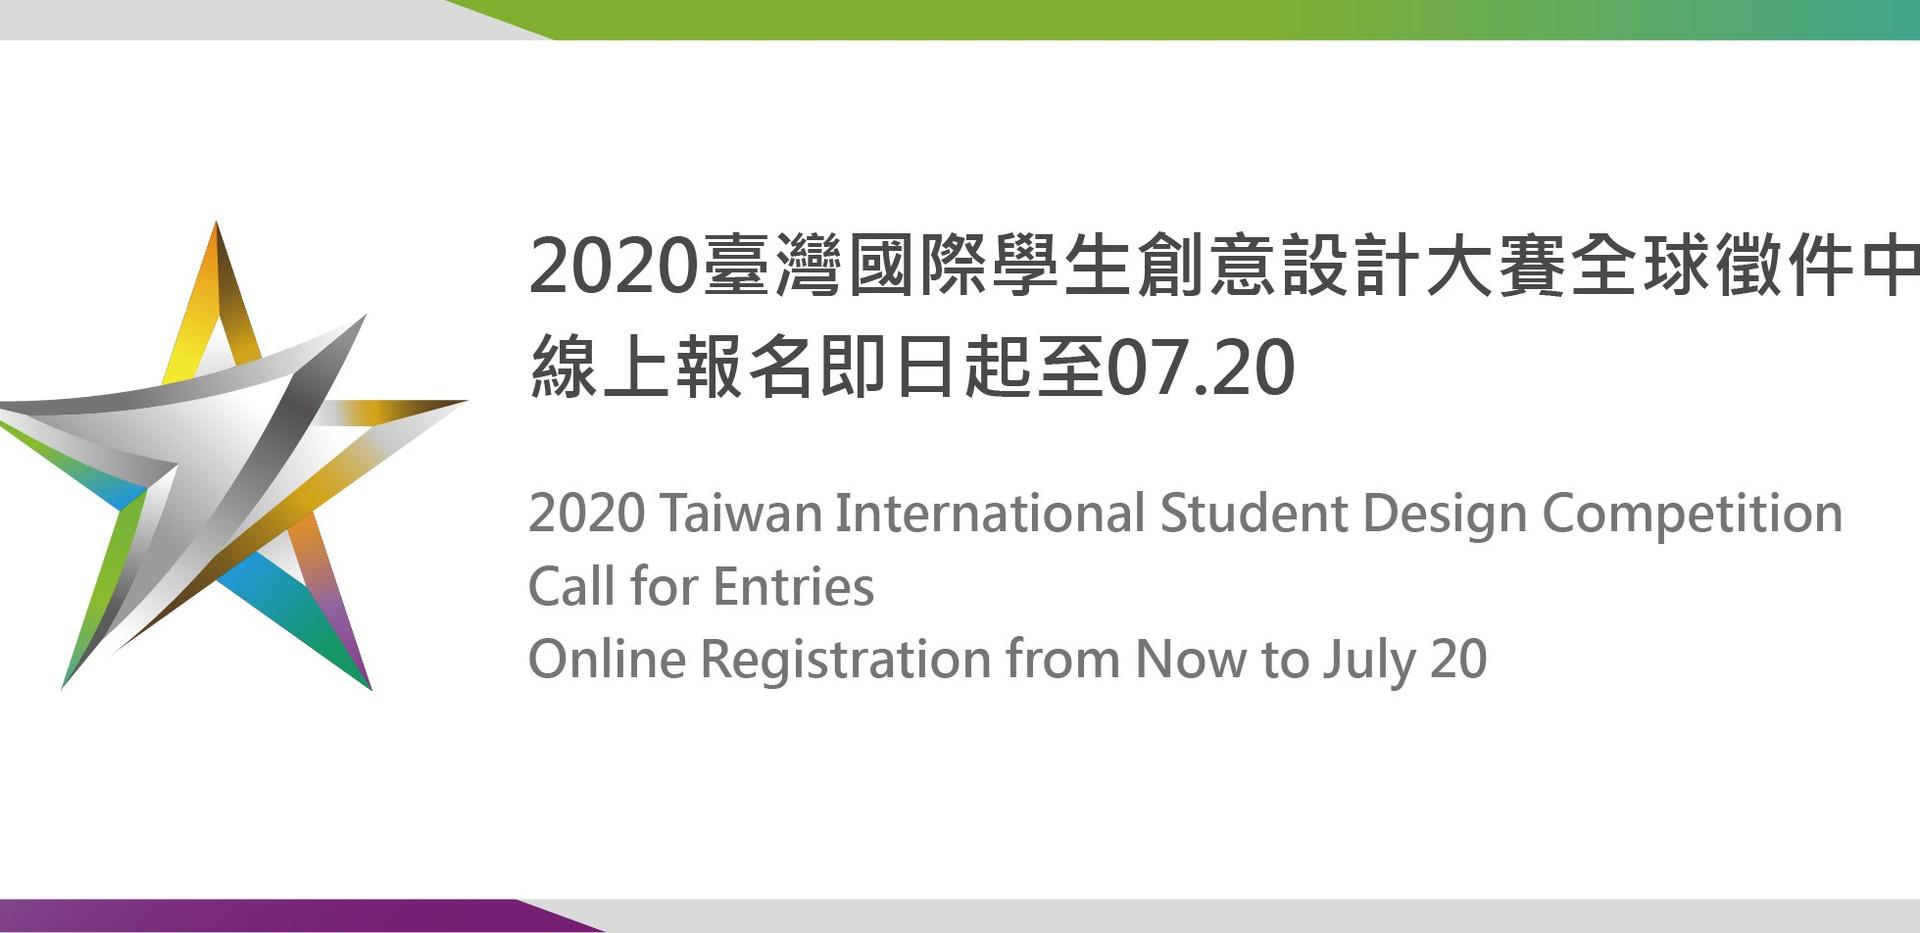 2020台灣國際學生創意設計大賽